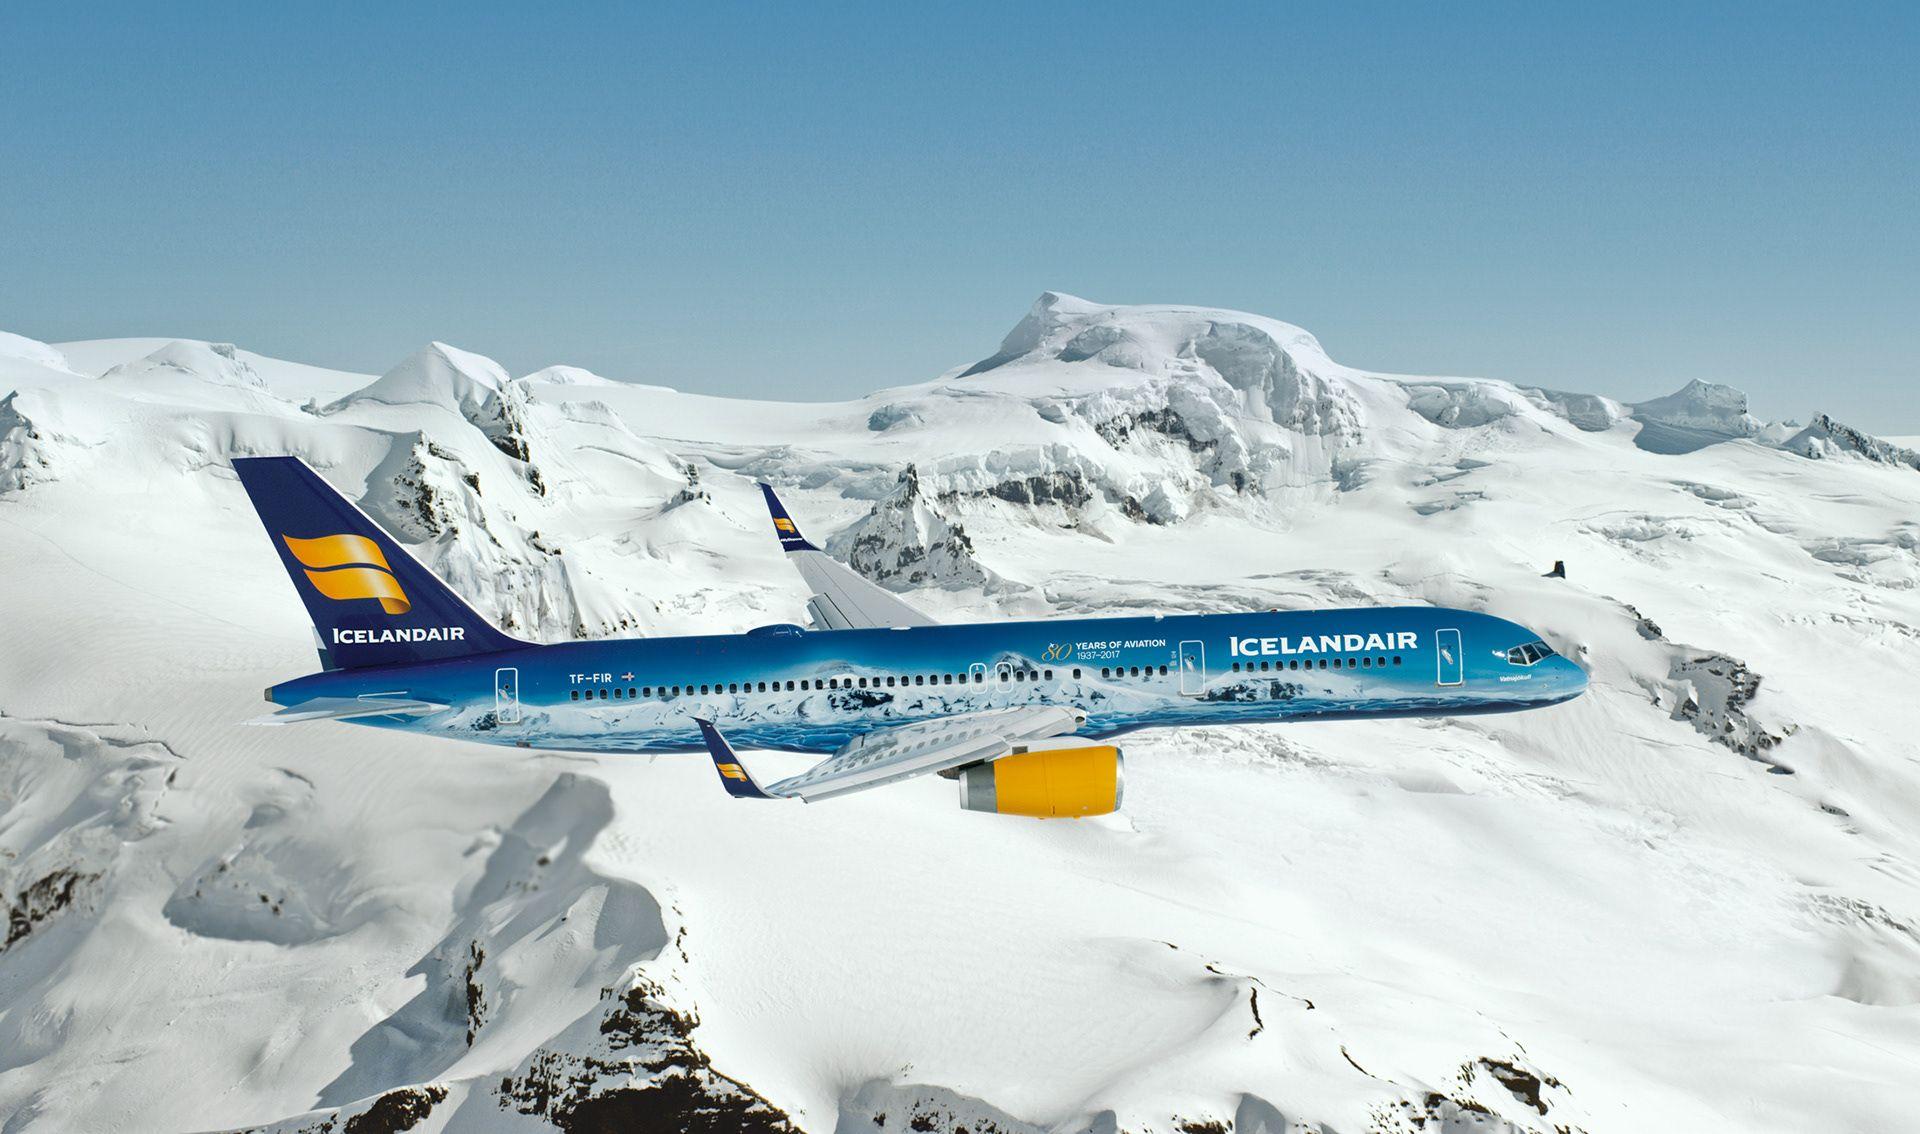 Icelandair Boeing B757 200 Vatnajökull Aviation Airplane Boeing Airplane Window